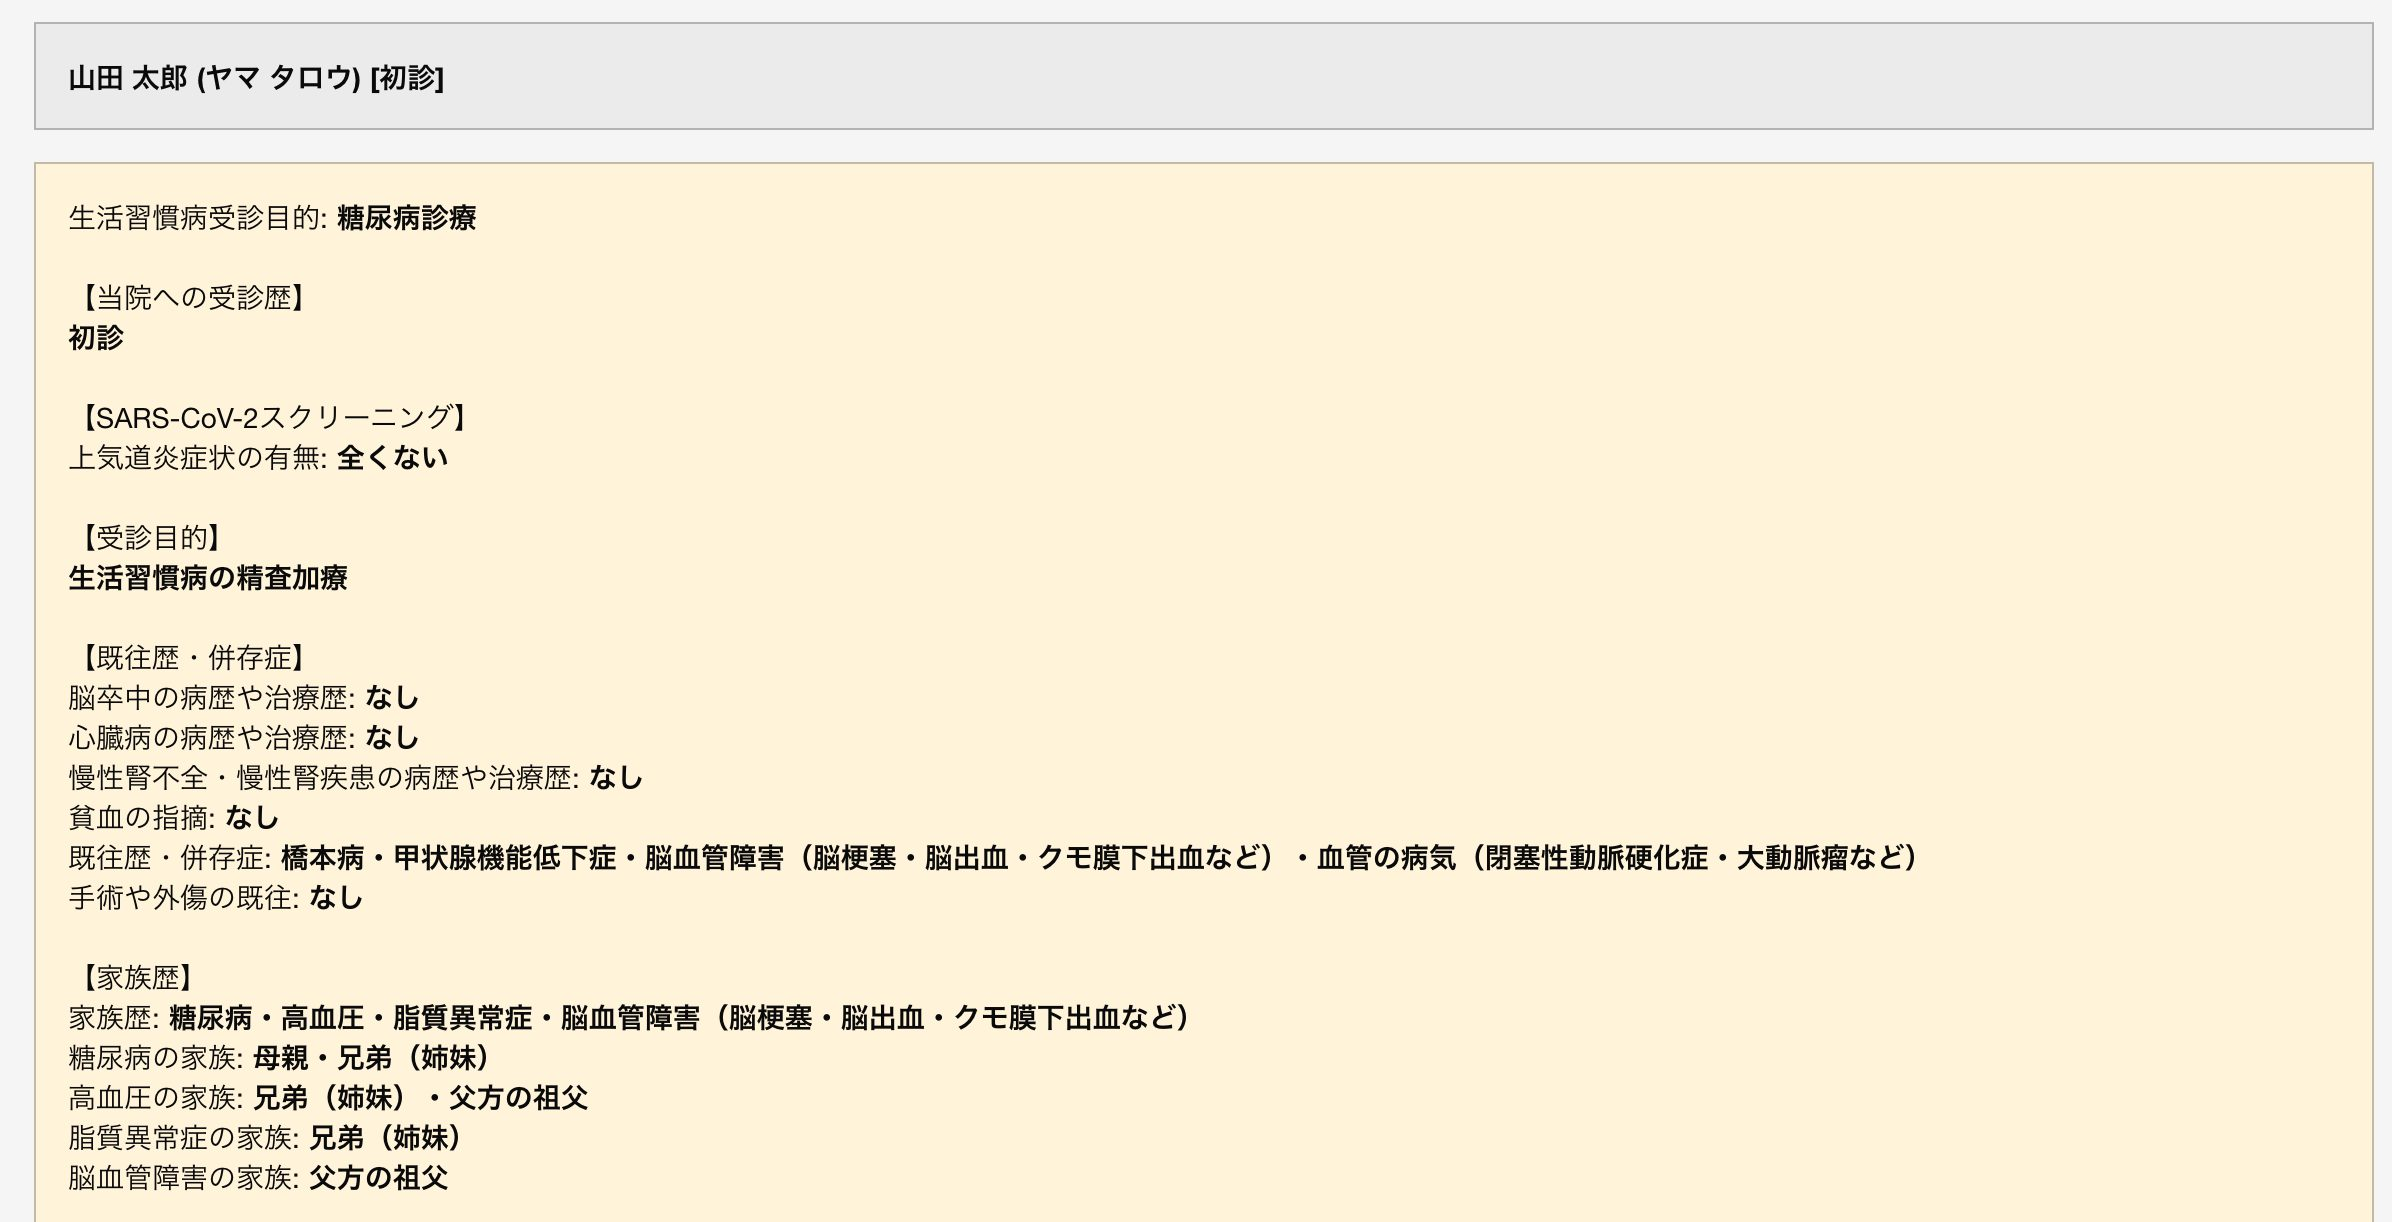 dm-monshin-result